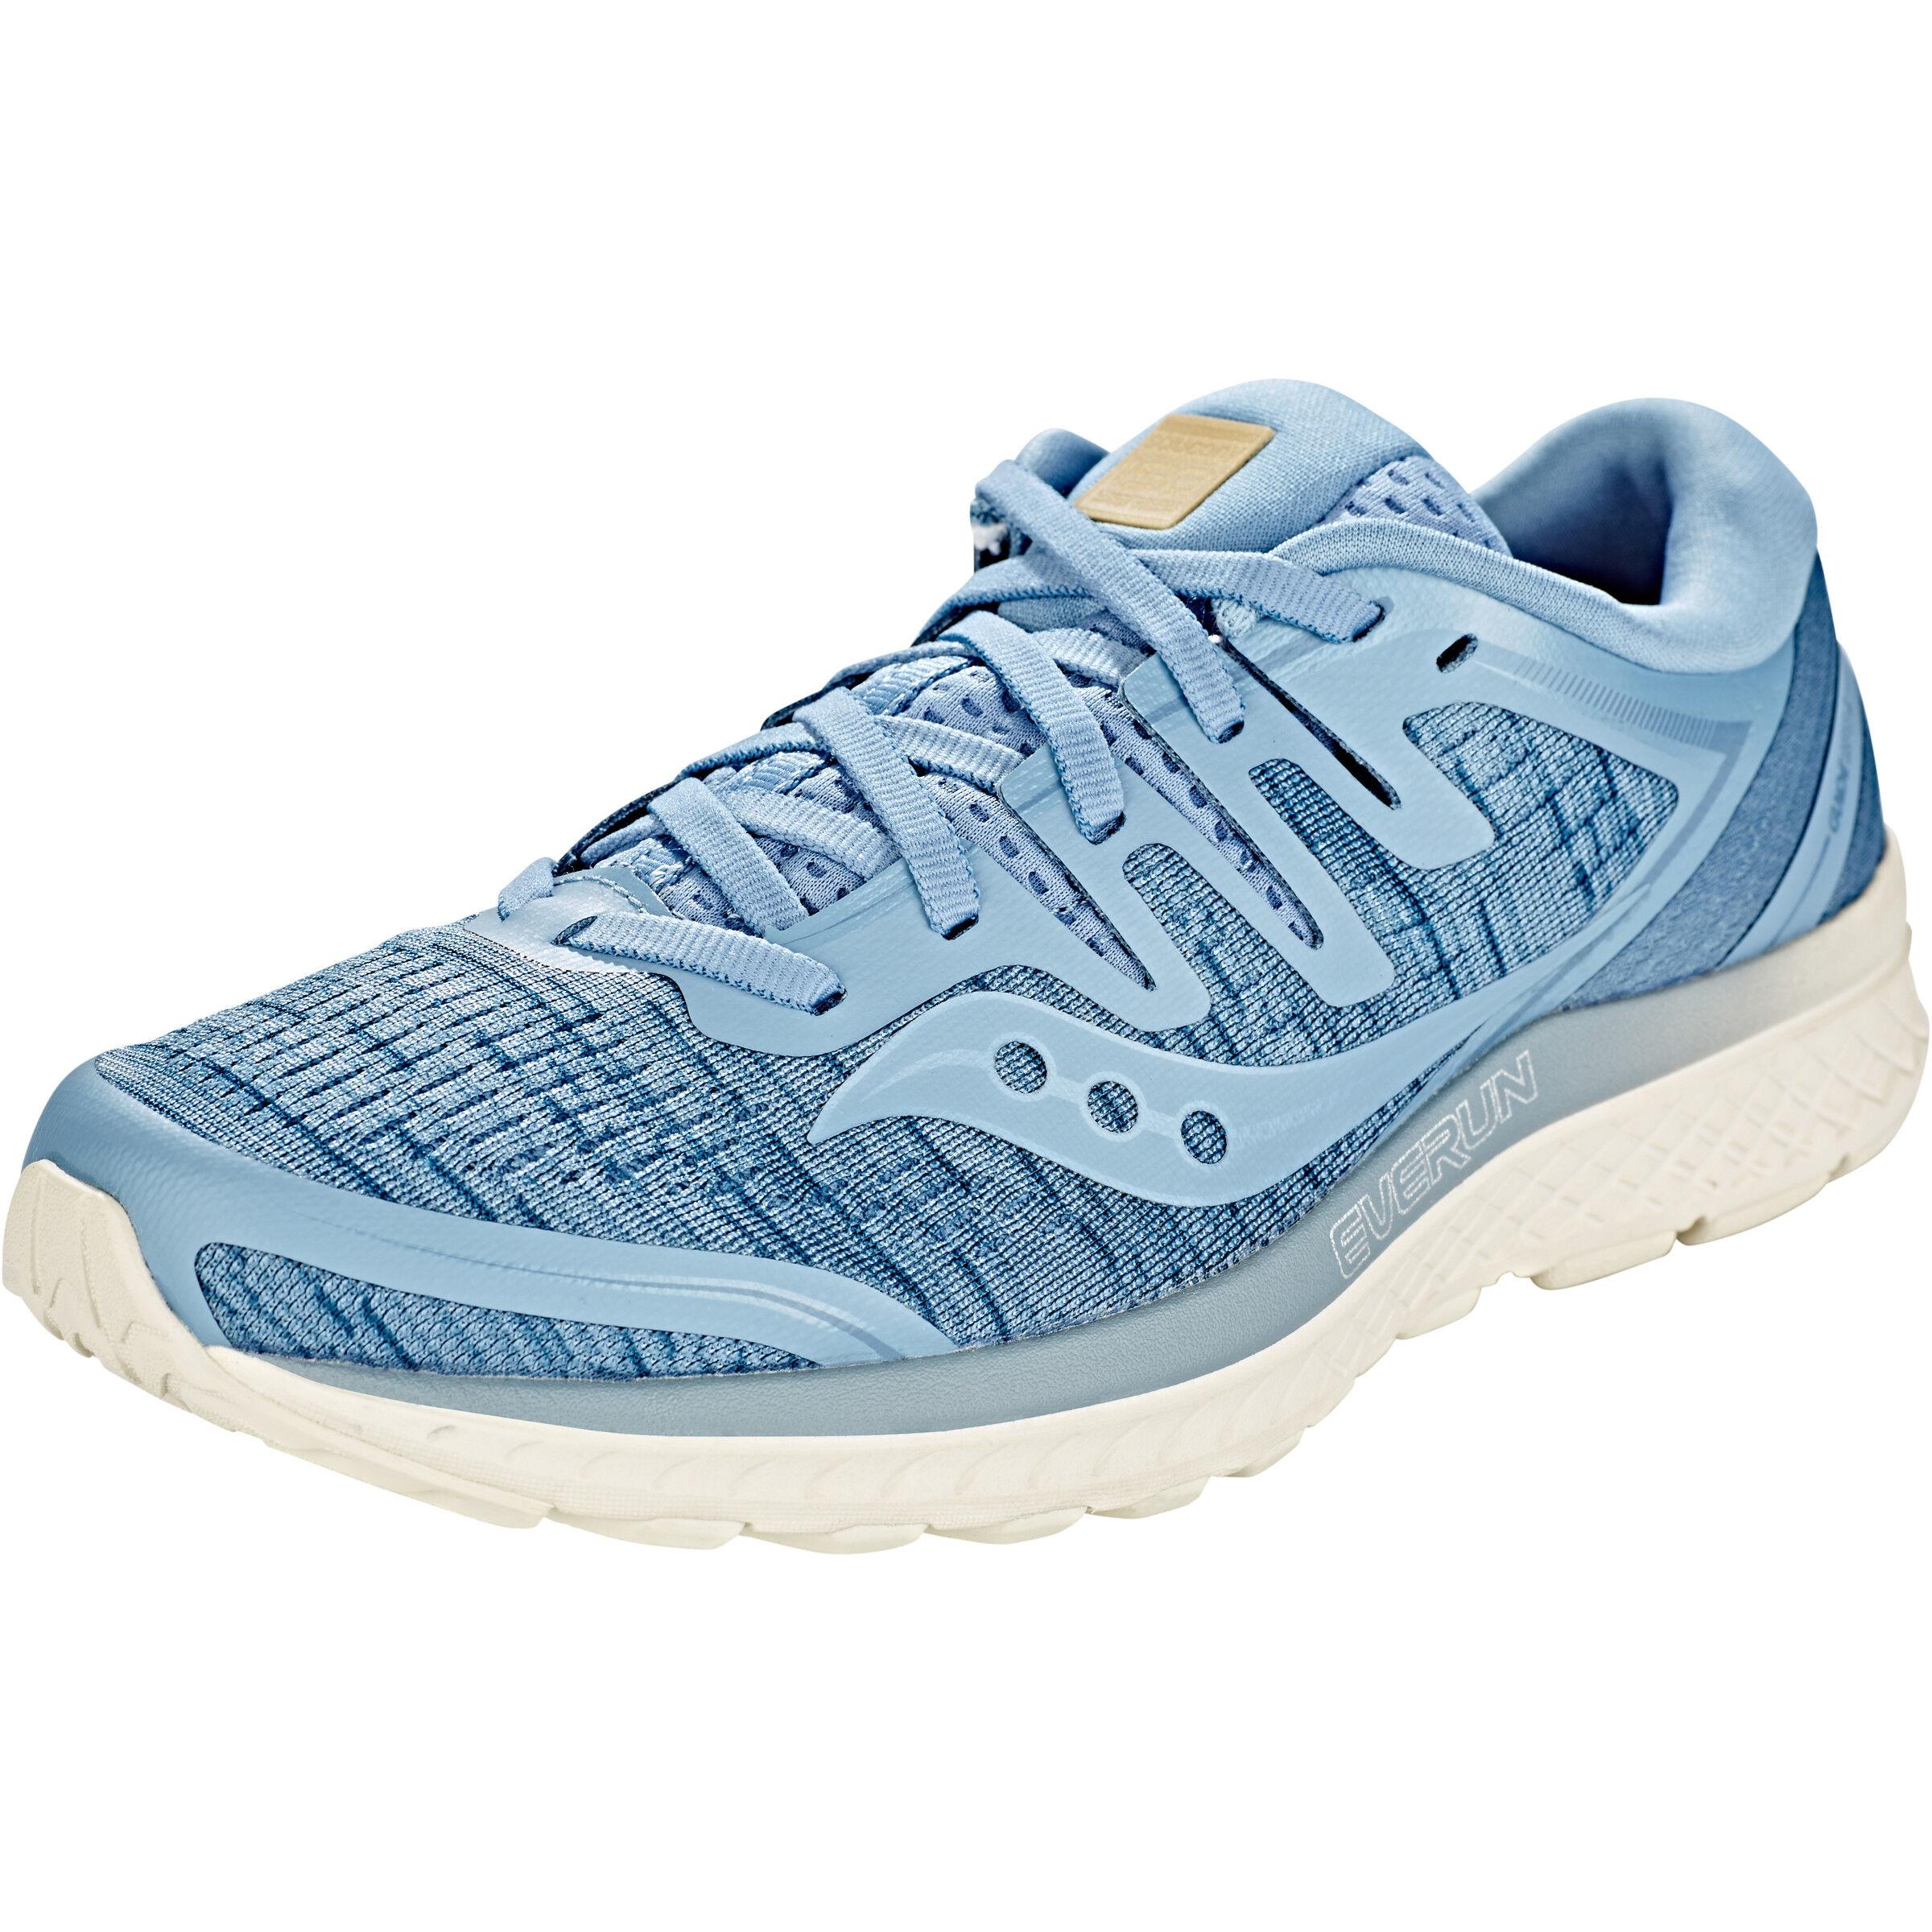 Laufschuhe für schwere Läufer mit Pronationsstütze kaufen